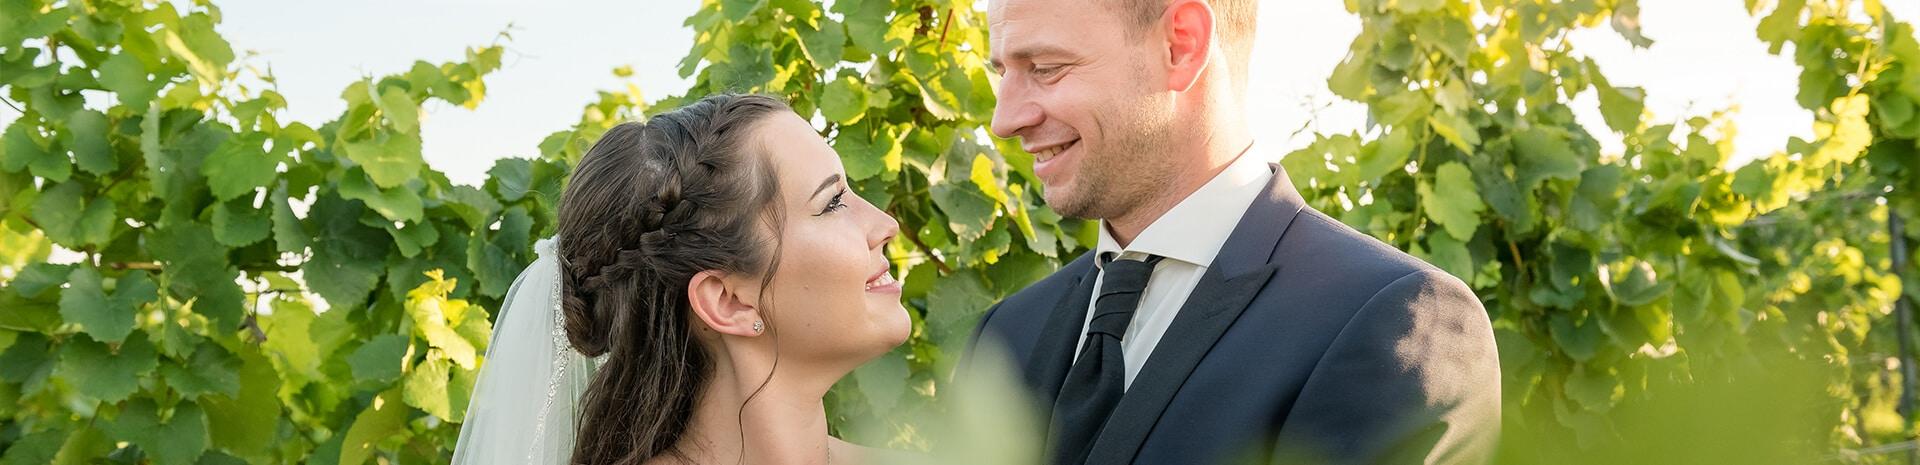 Headerbild Hochzeitsfotografie: Referenzbilder